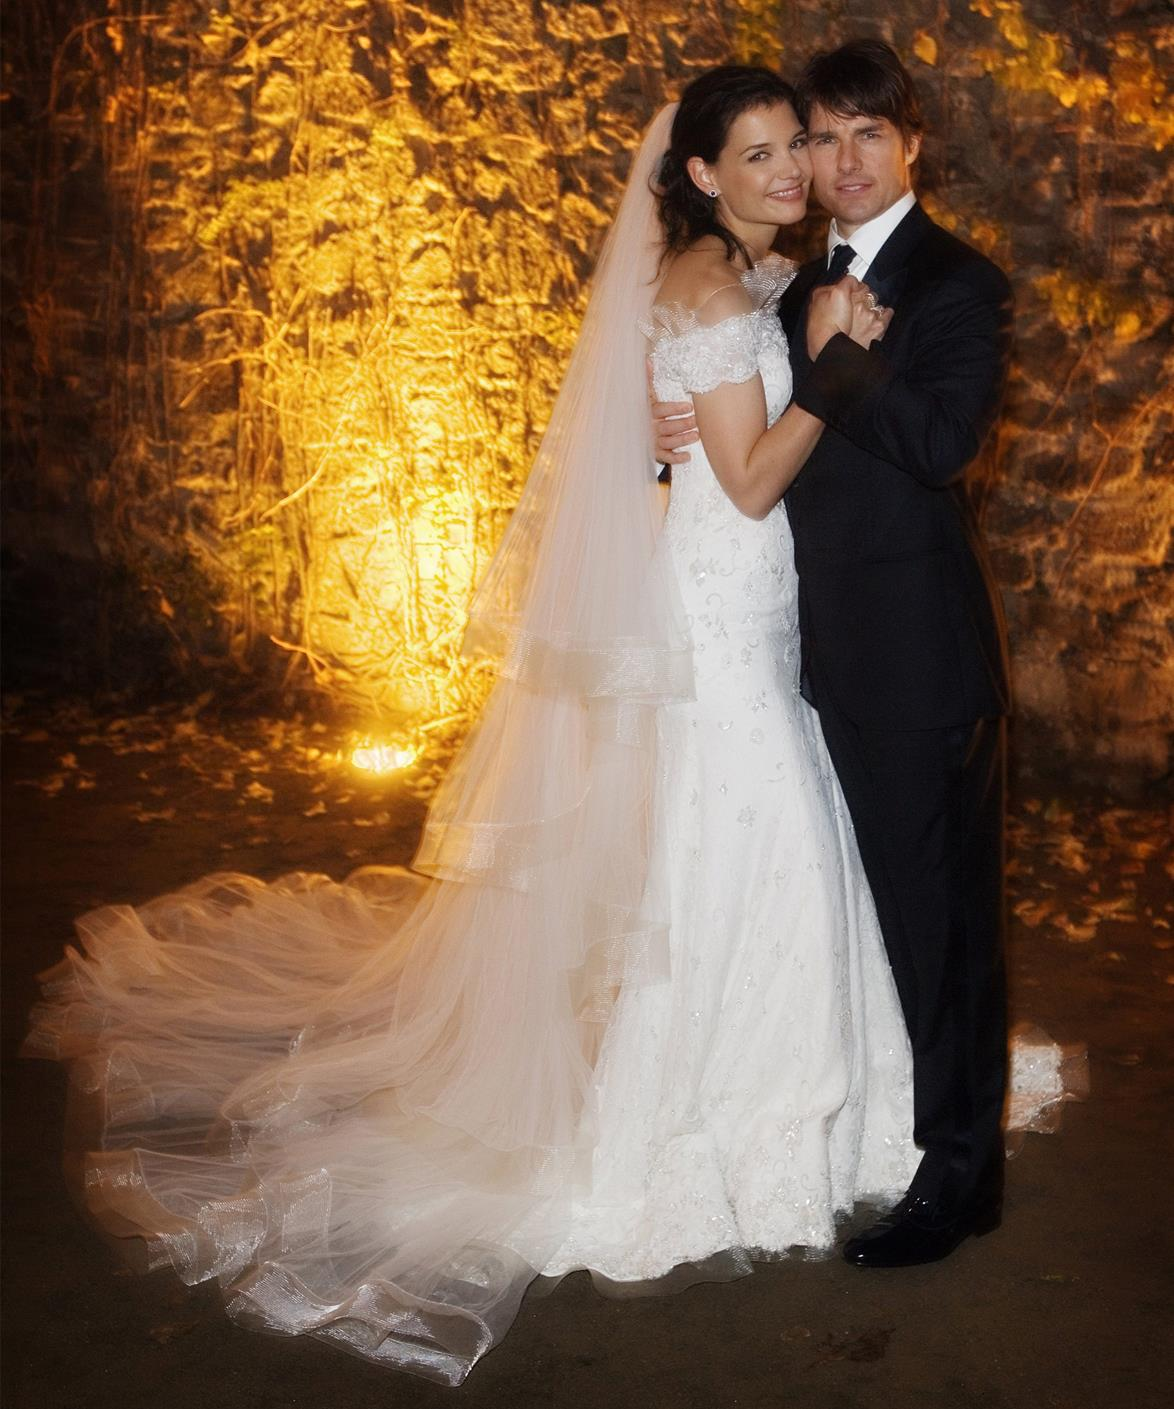 Фото со свадьбы пьяной невесты 15 фотография